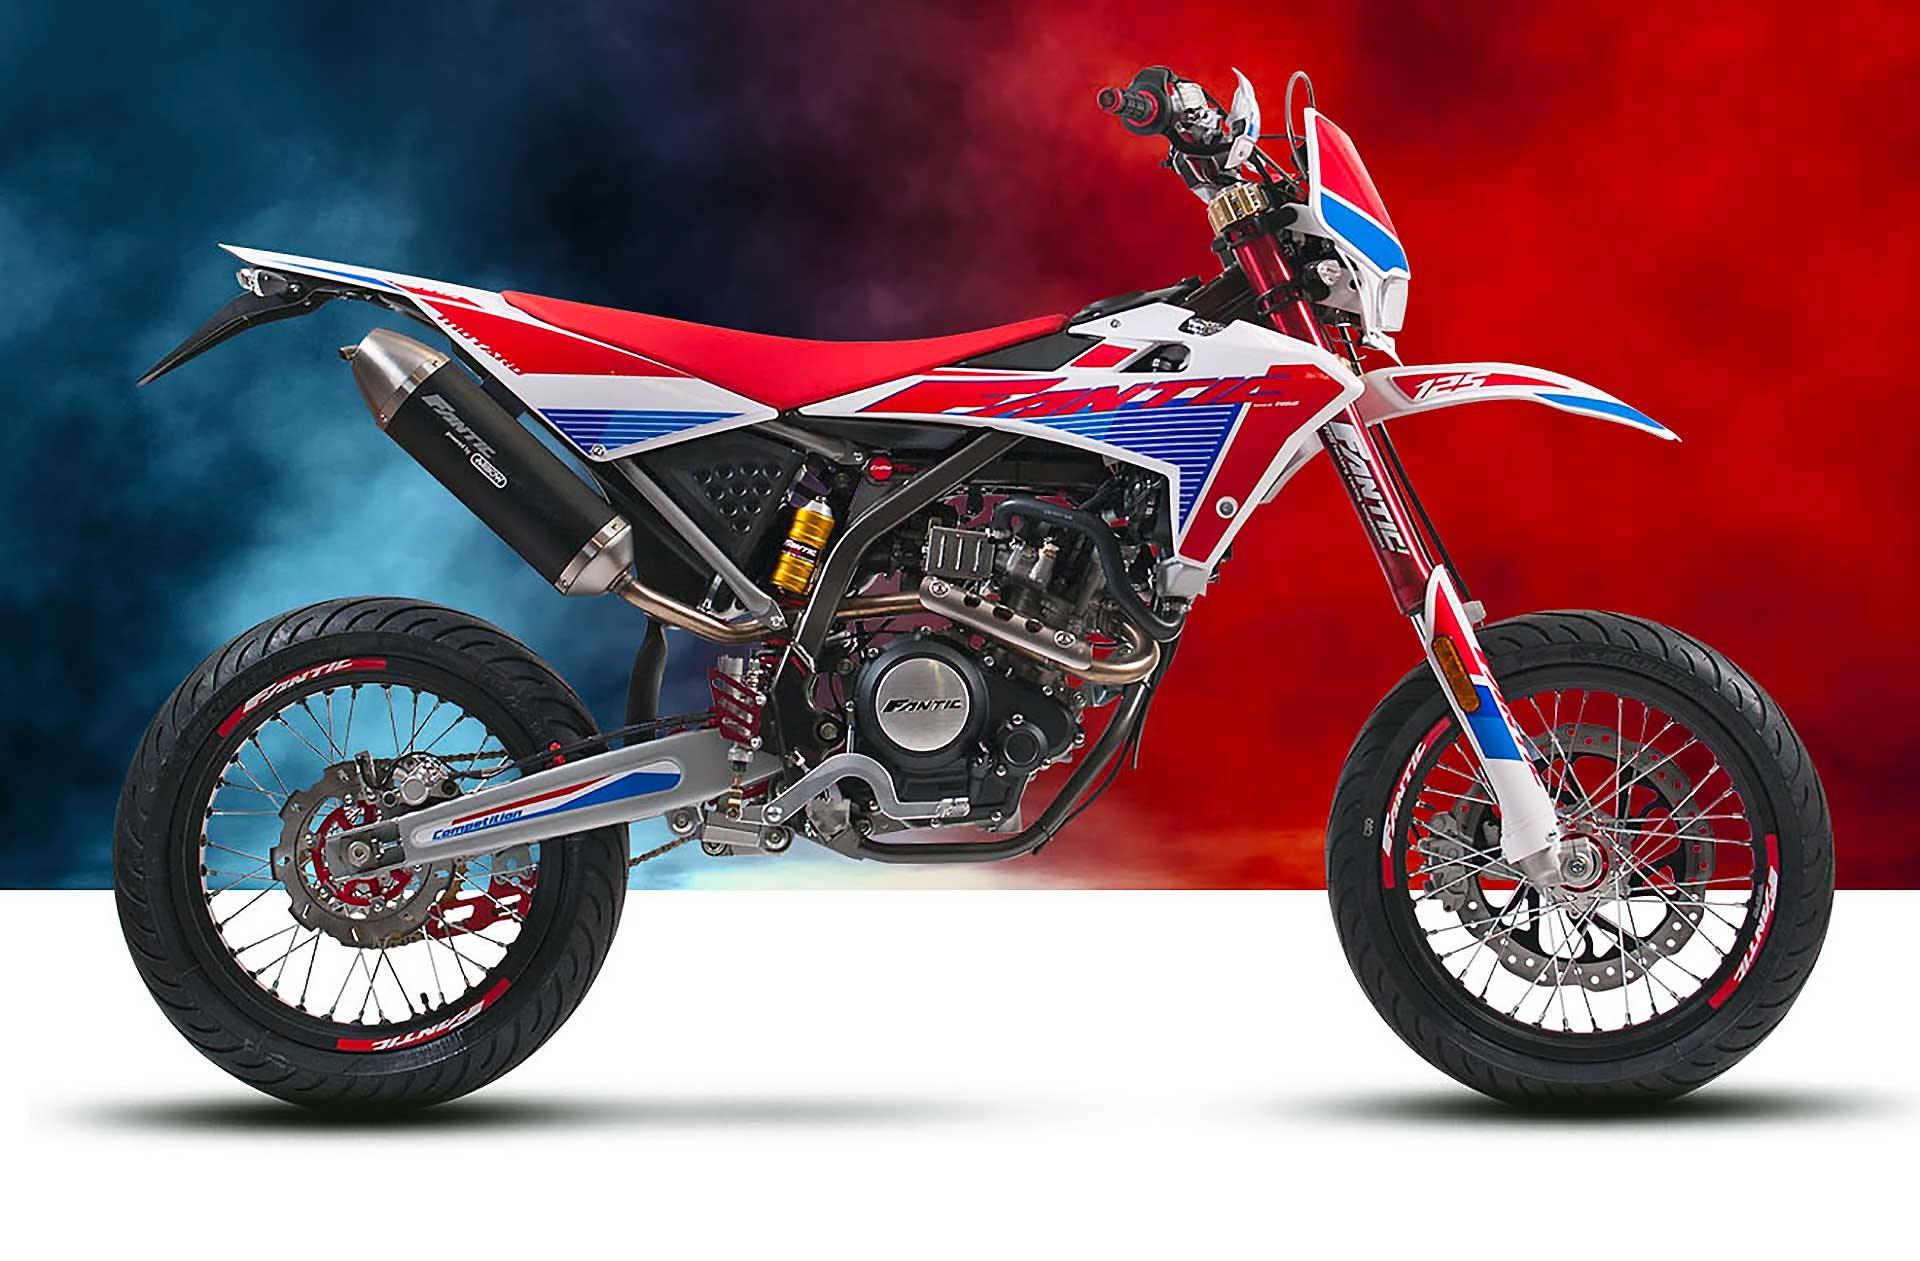 Fantic 125 Motard 2021 - migliori moto 125